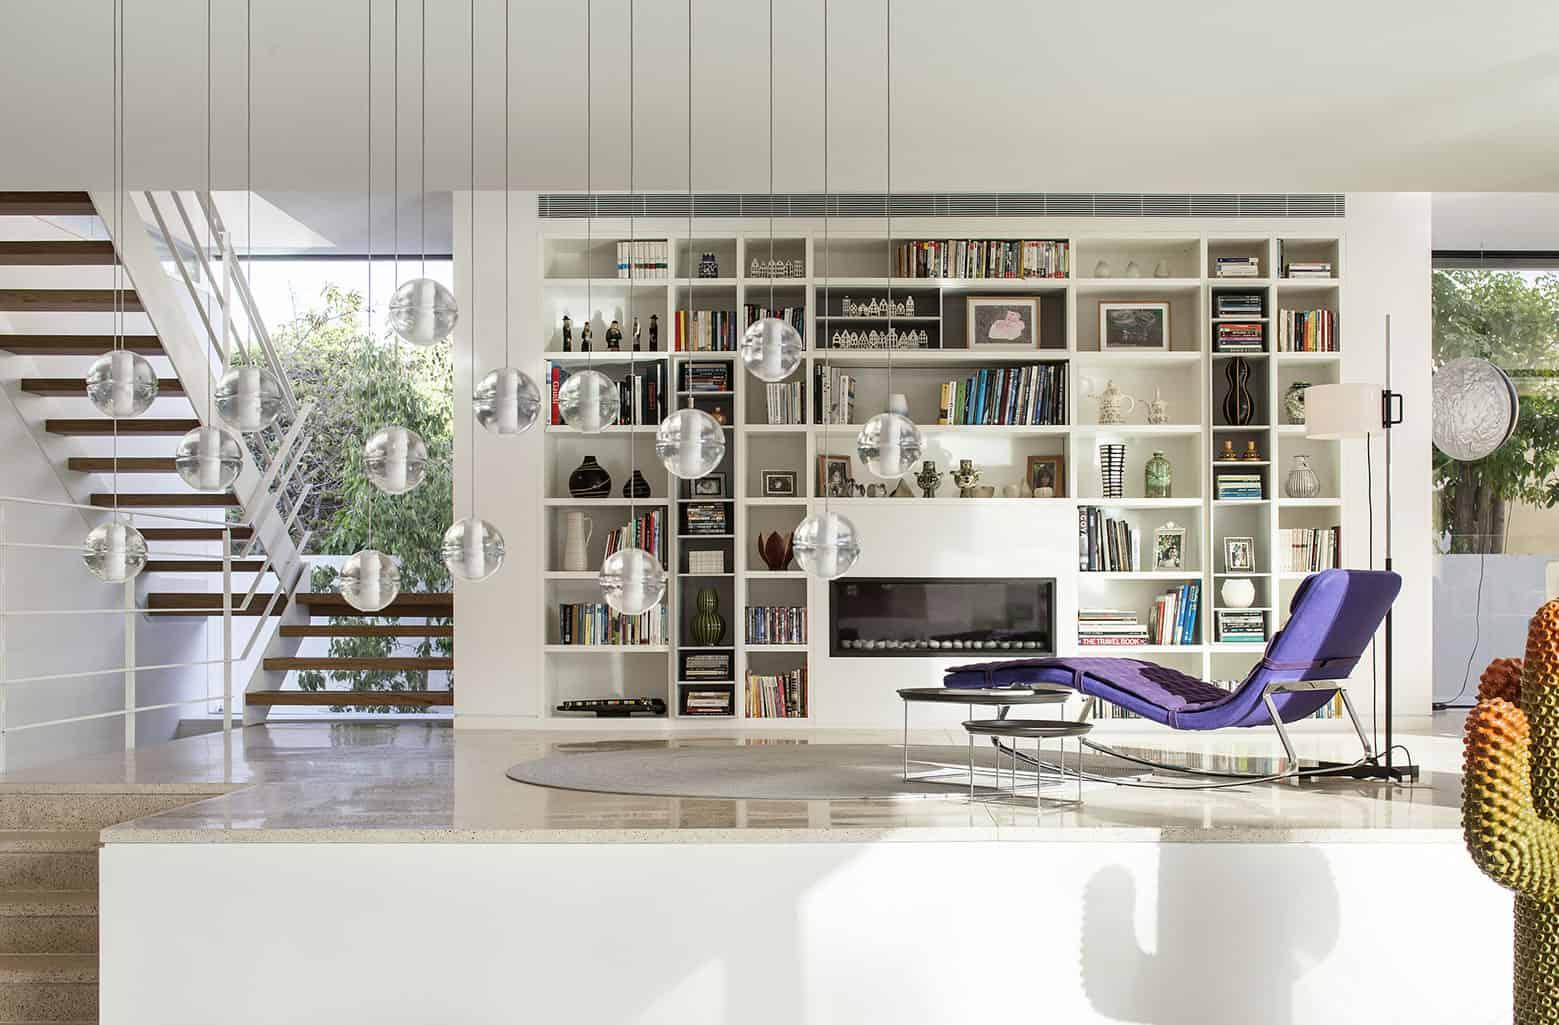 Mediterranean Villa by Paz Gersh Architects